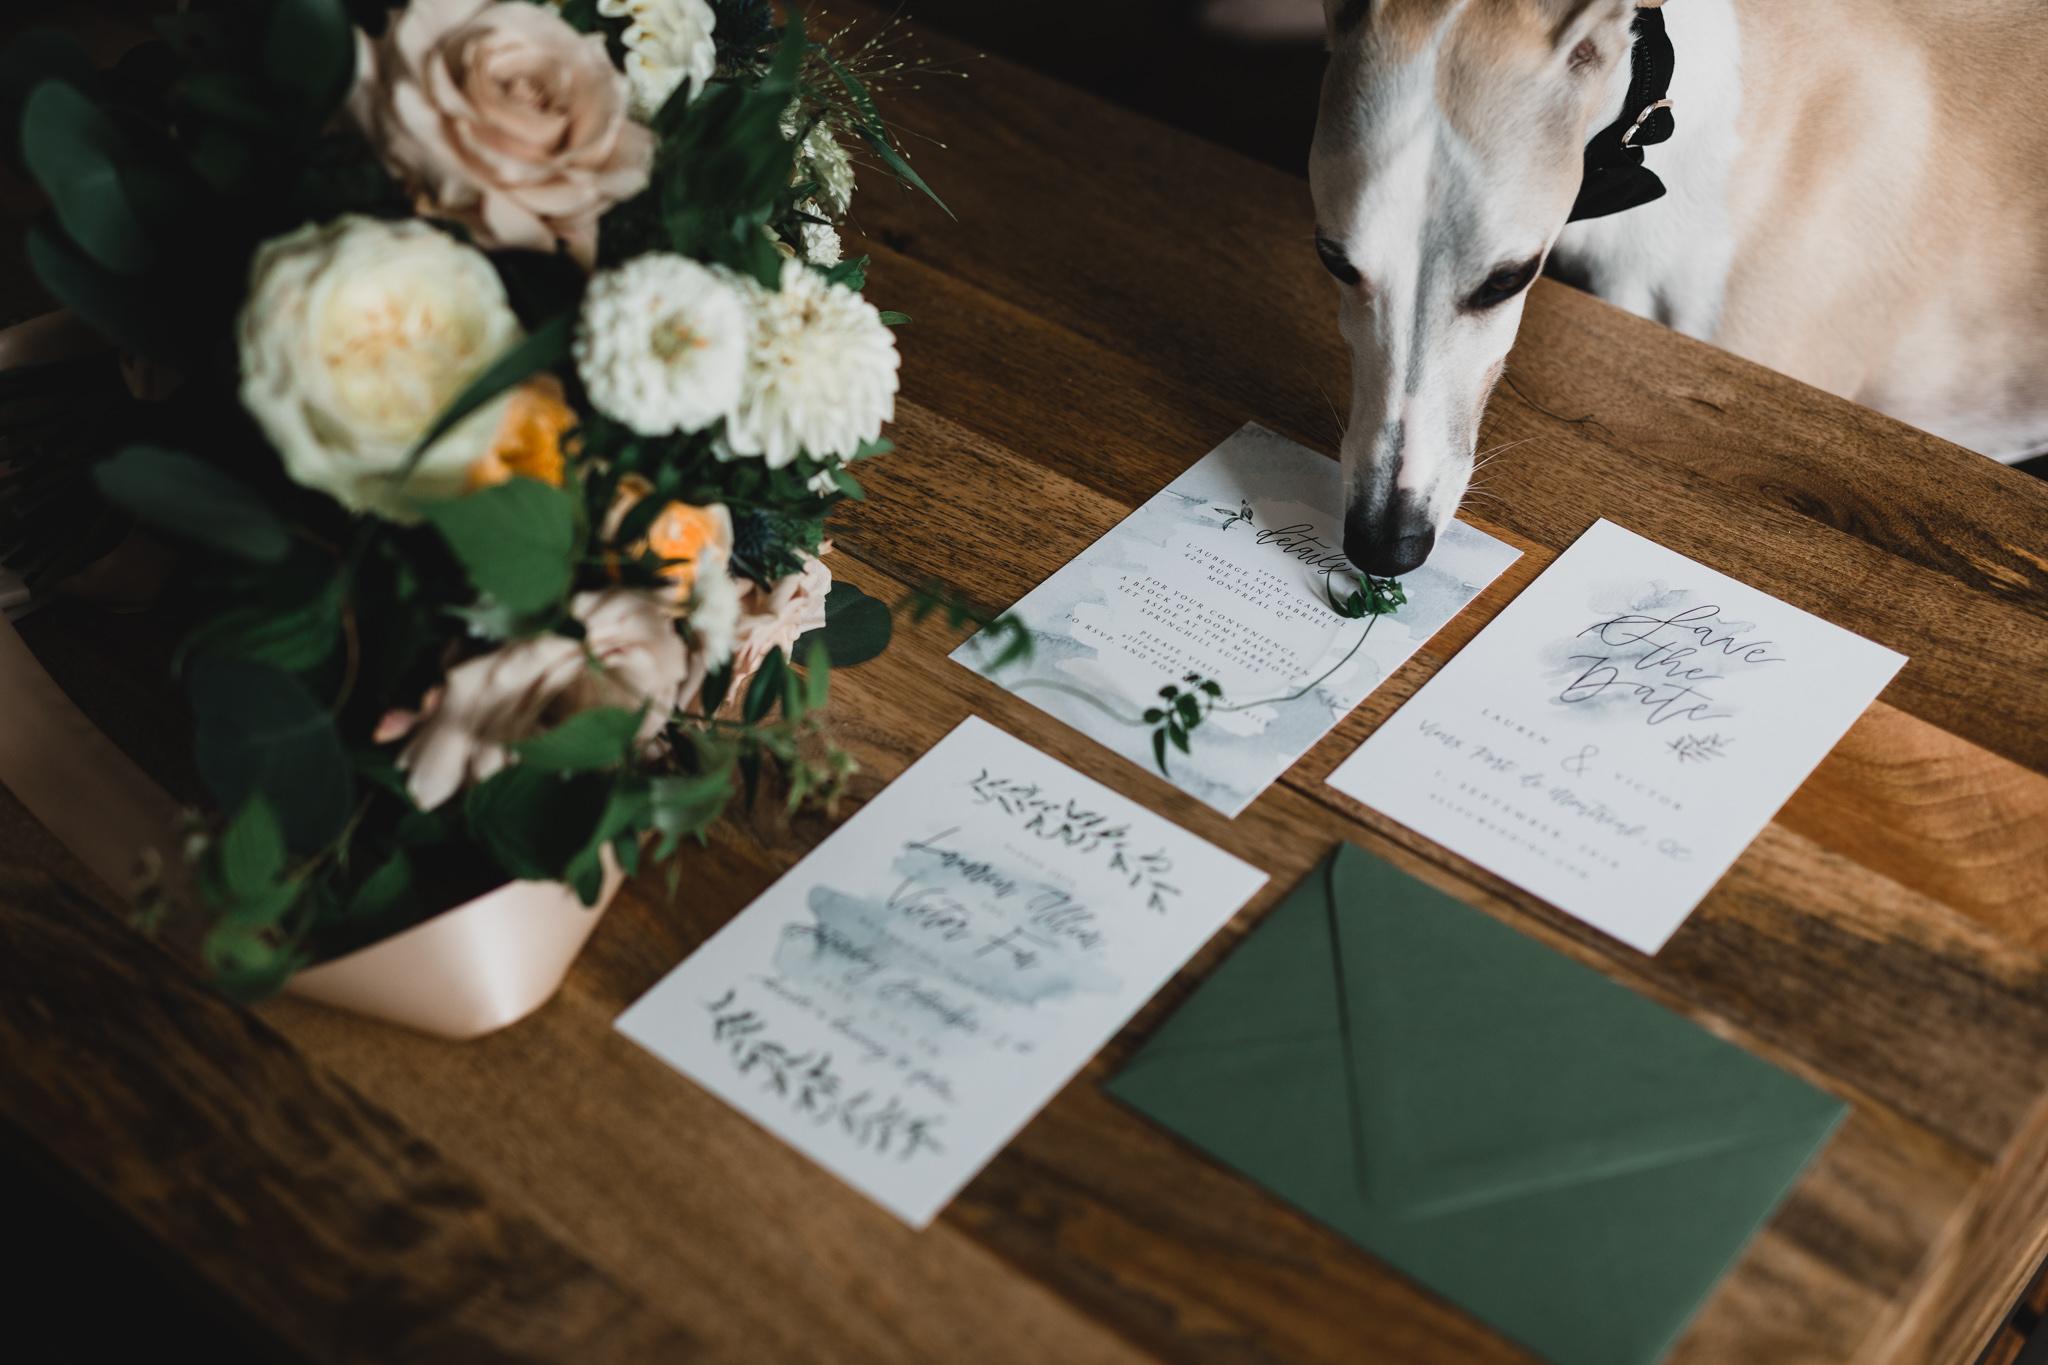 214-WEB-Jonathan-Kuhn-Photography-Lauren-Victor-Wedding-2599.jpg